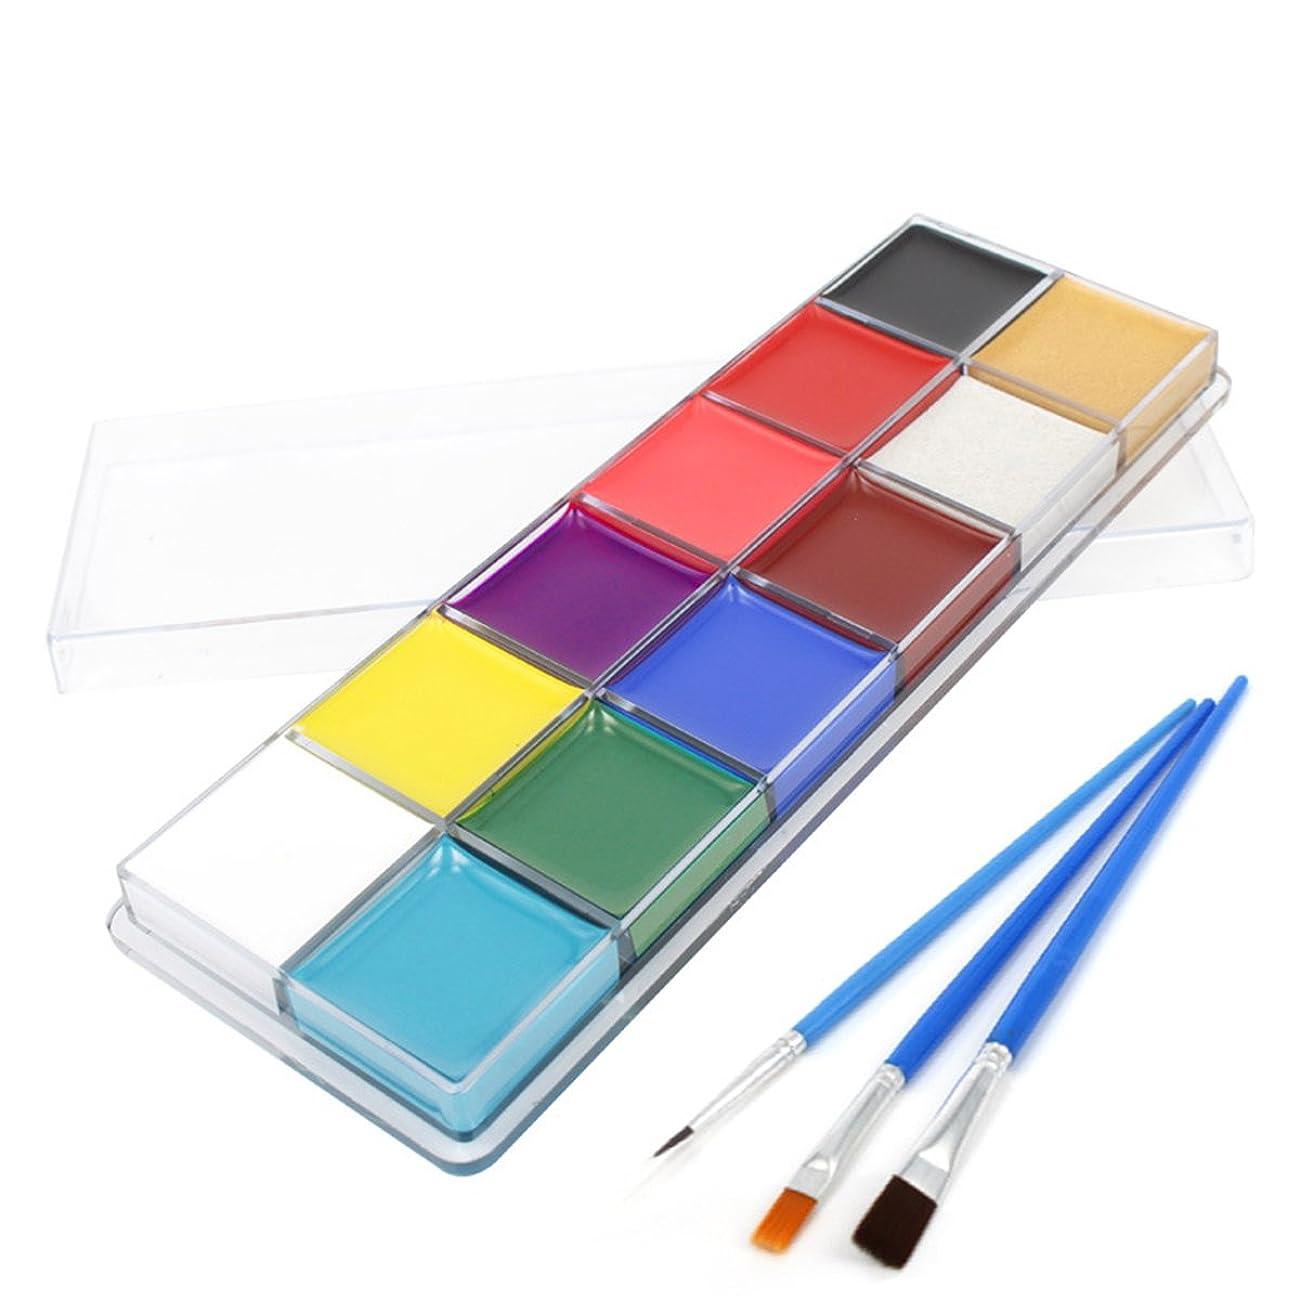 ゴール正しい小川Beaupretty Face Painting Kits Professional 12 Colors Art Party Fancy Make Up Set with brush